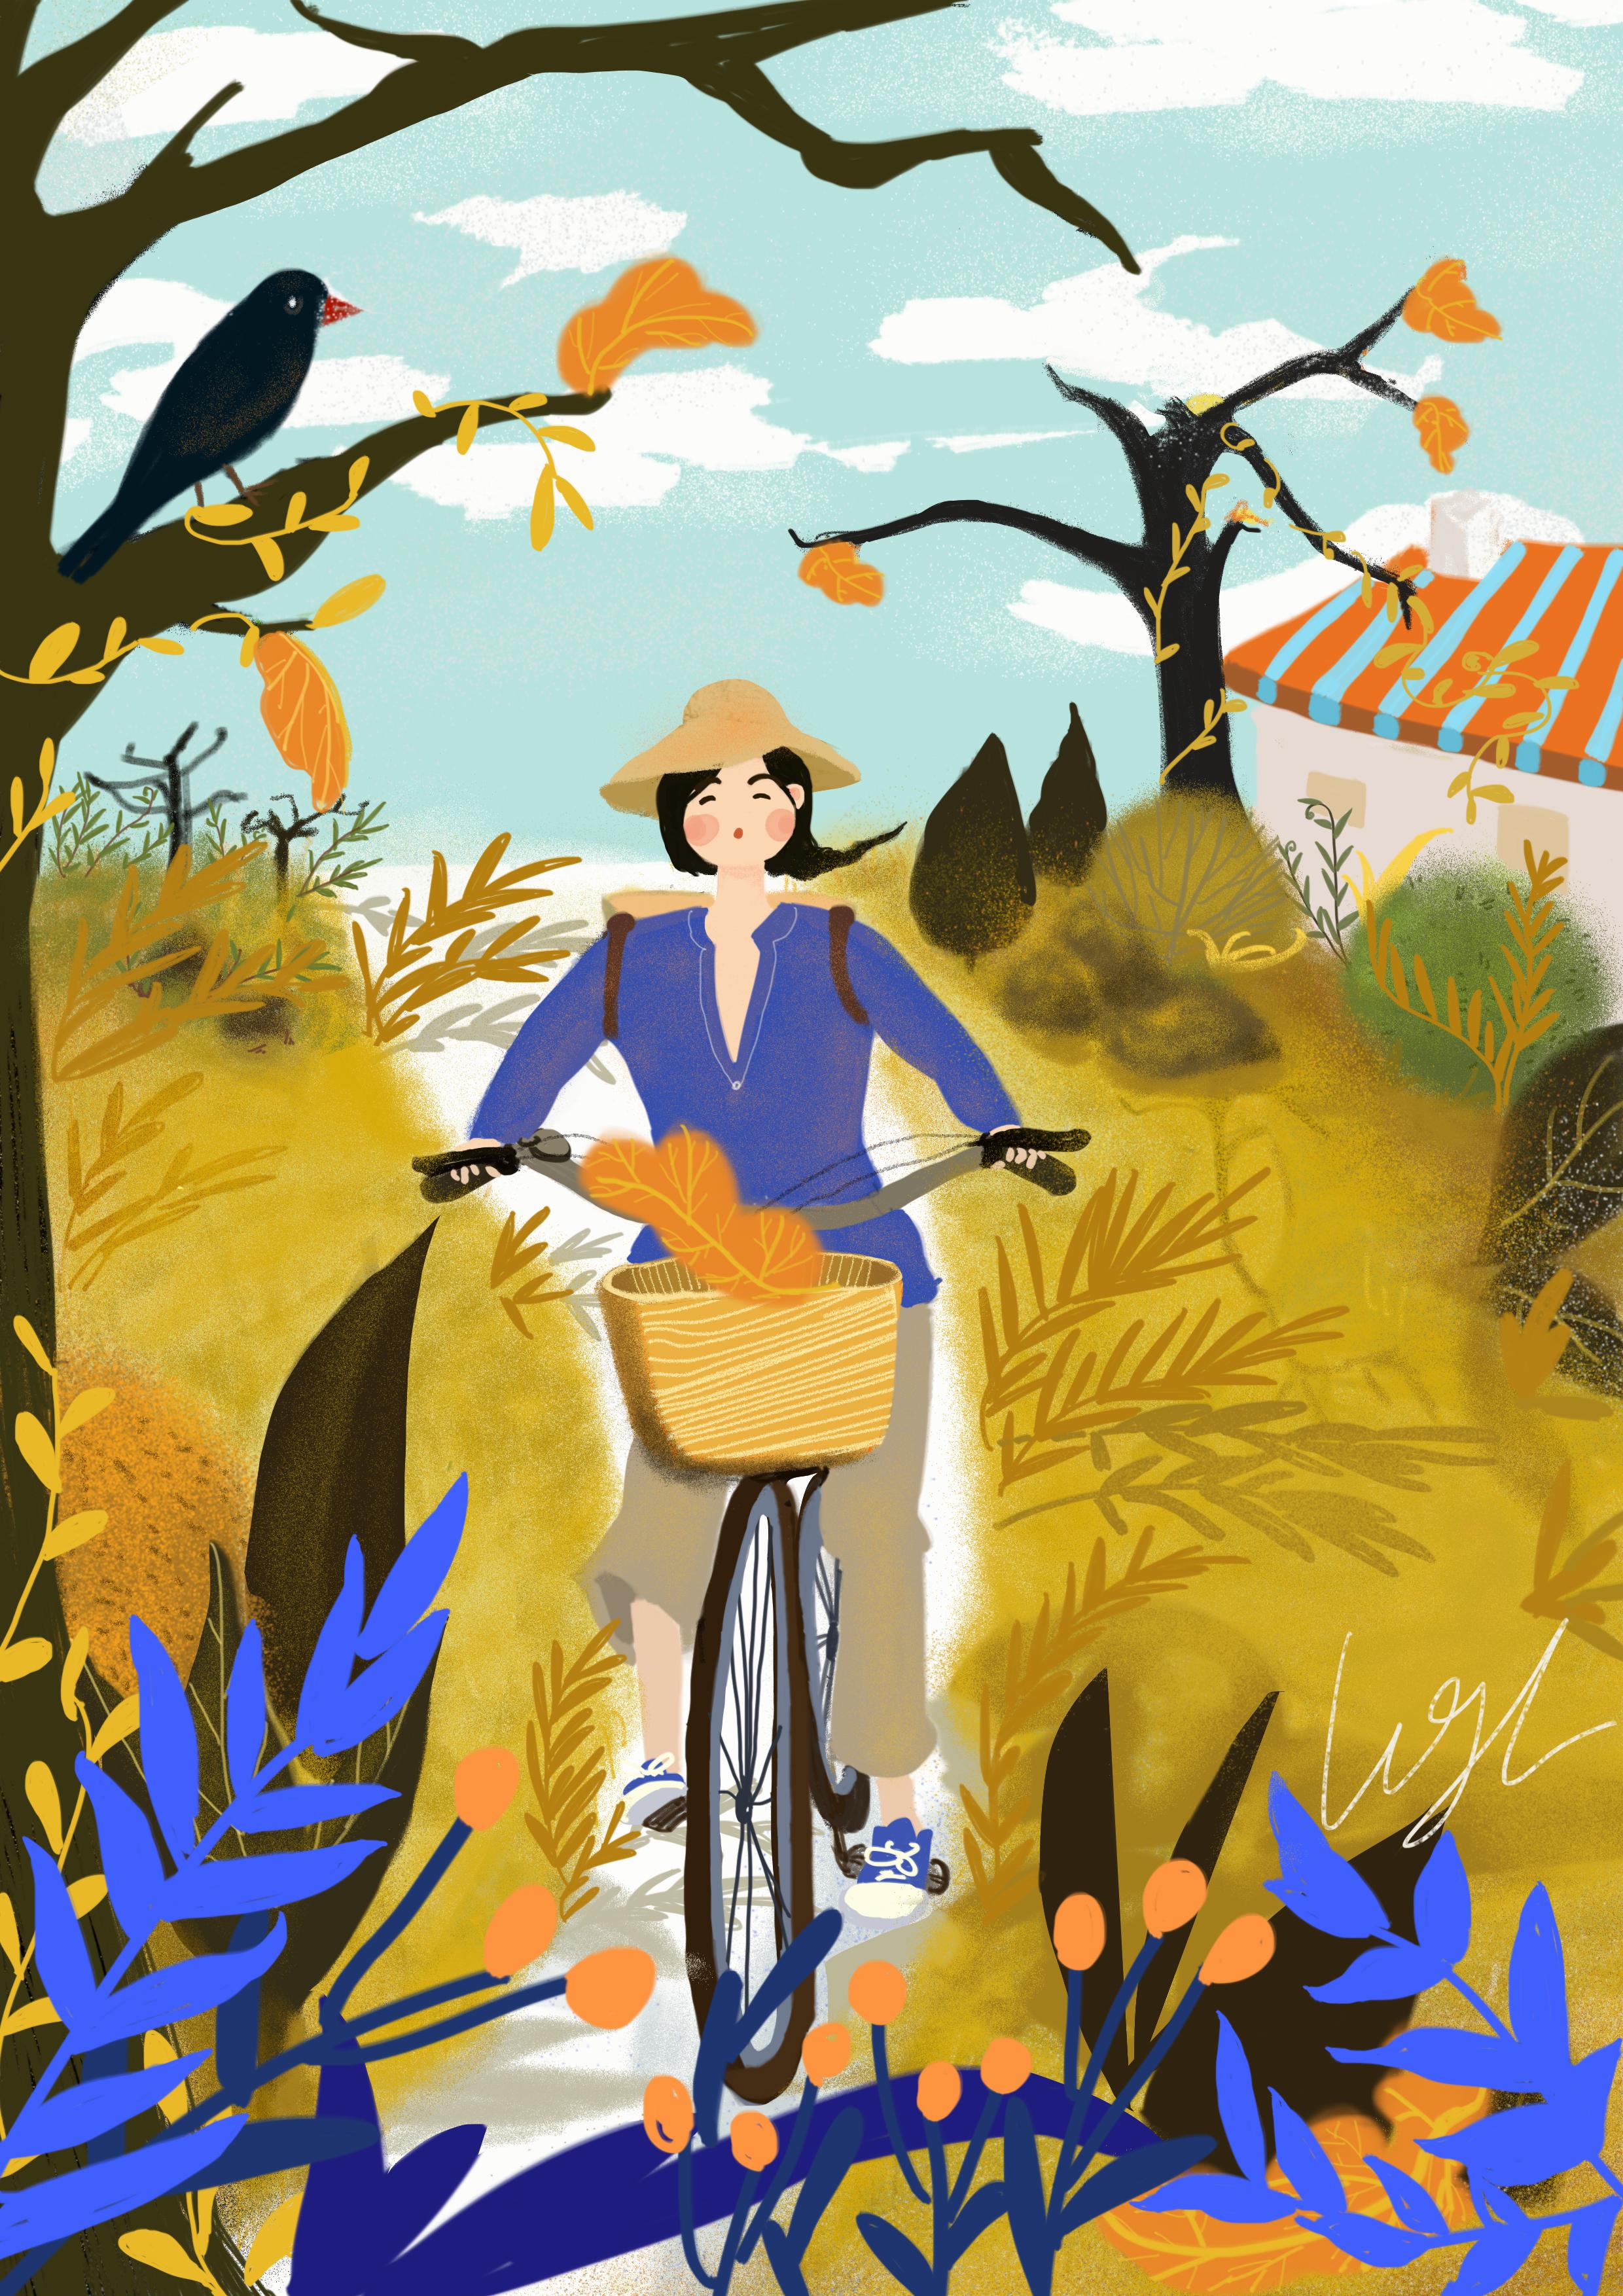 浪漫的事_一直觉得在树荫下骑车是一件很浪漫的事儿